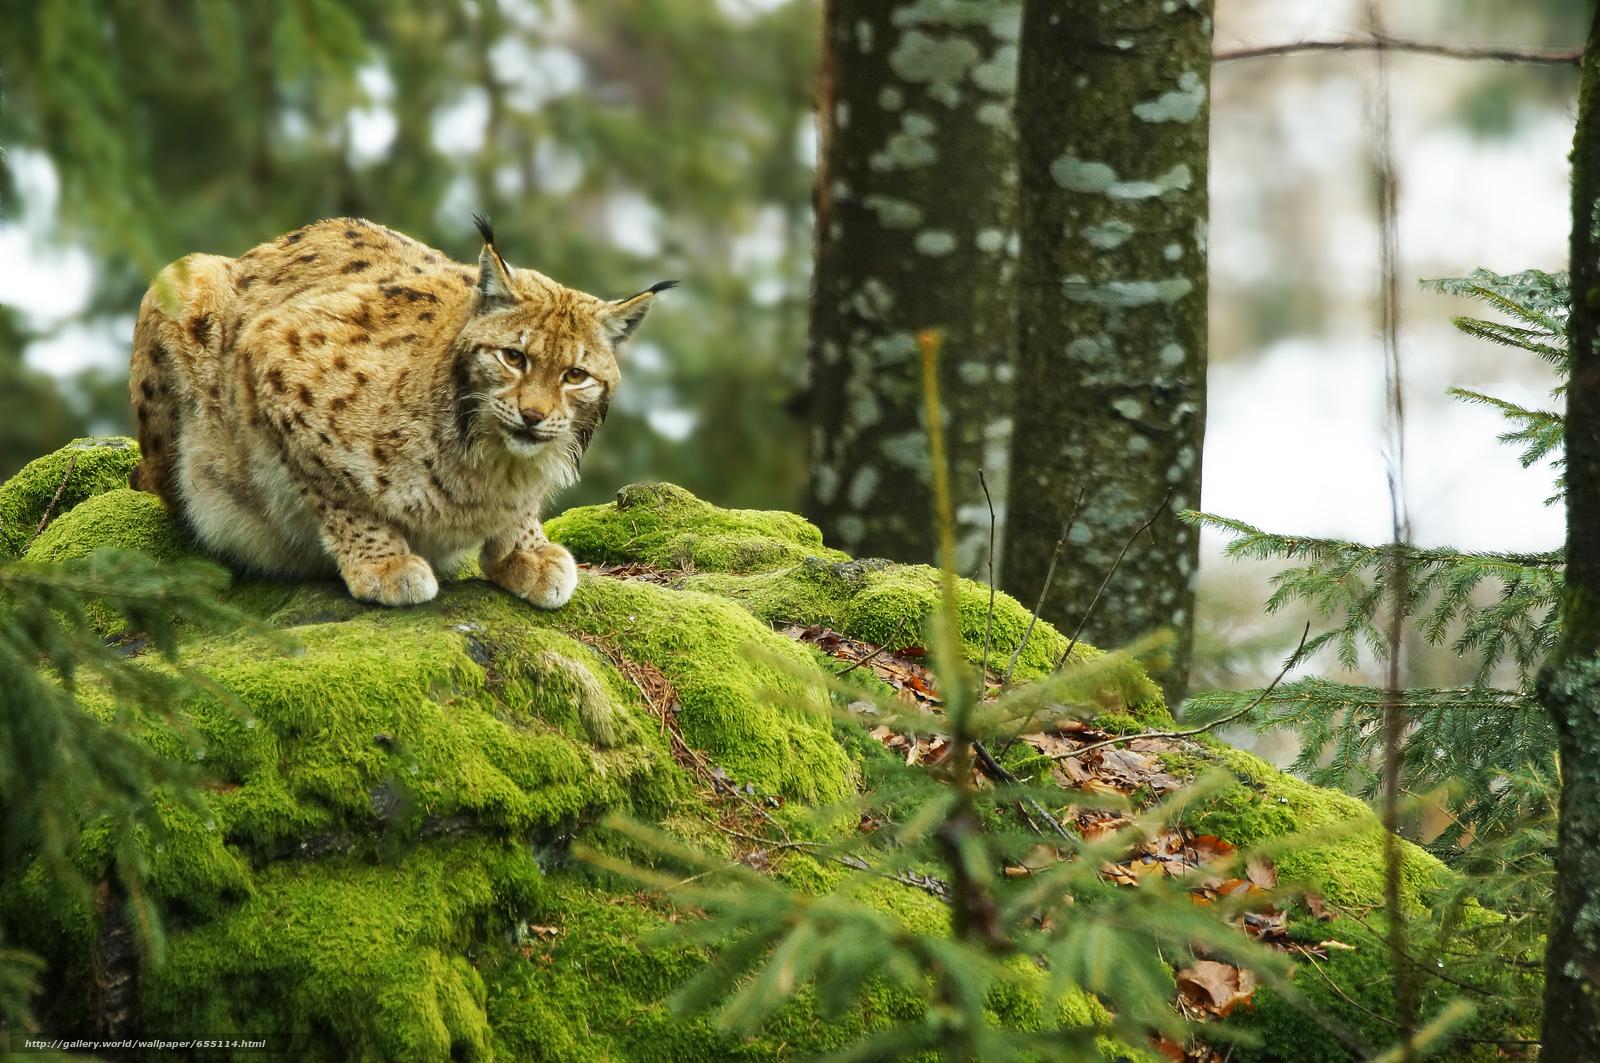 Tlcharger Fond d'ecran lynx,  Lynx,  cat,  nature Fonds d'ecran gratuits pour votre rsolution du bureau 4912x3264 — image №655114